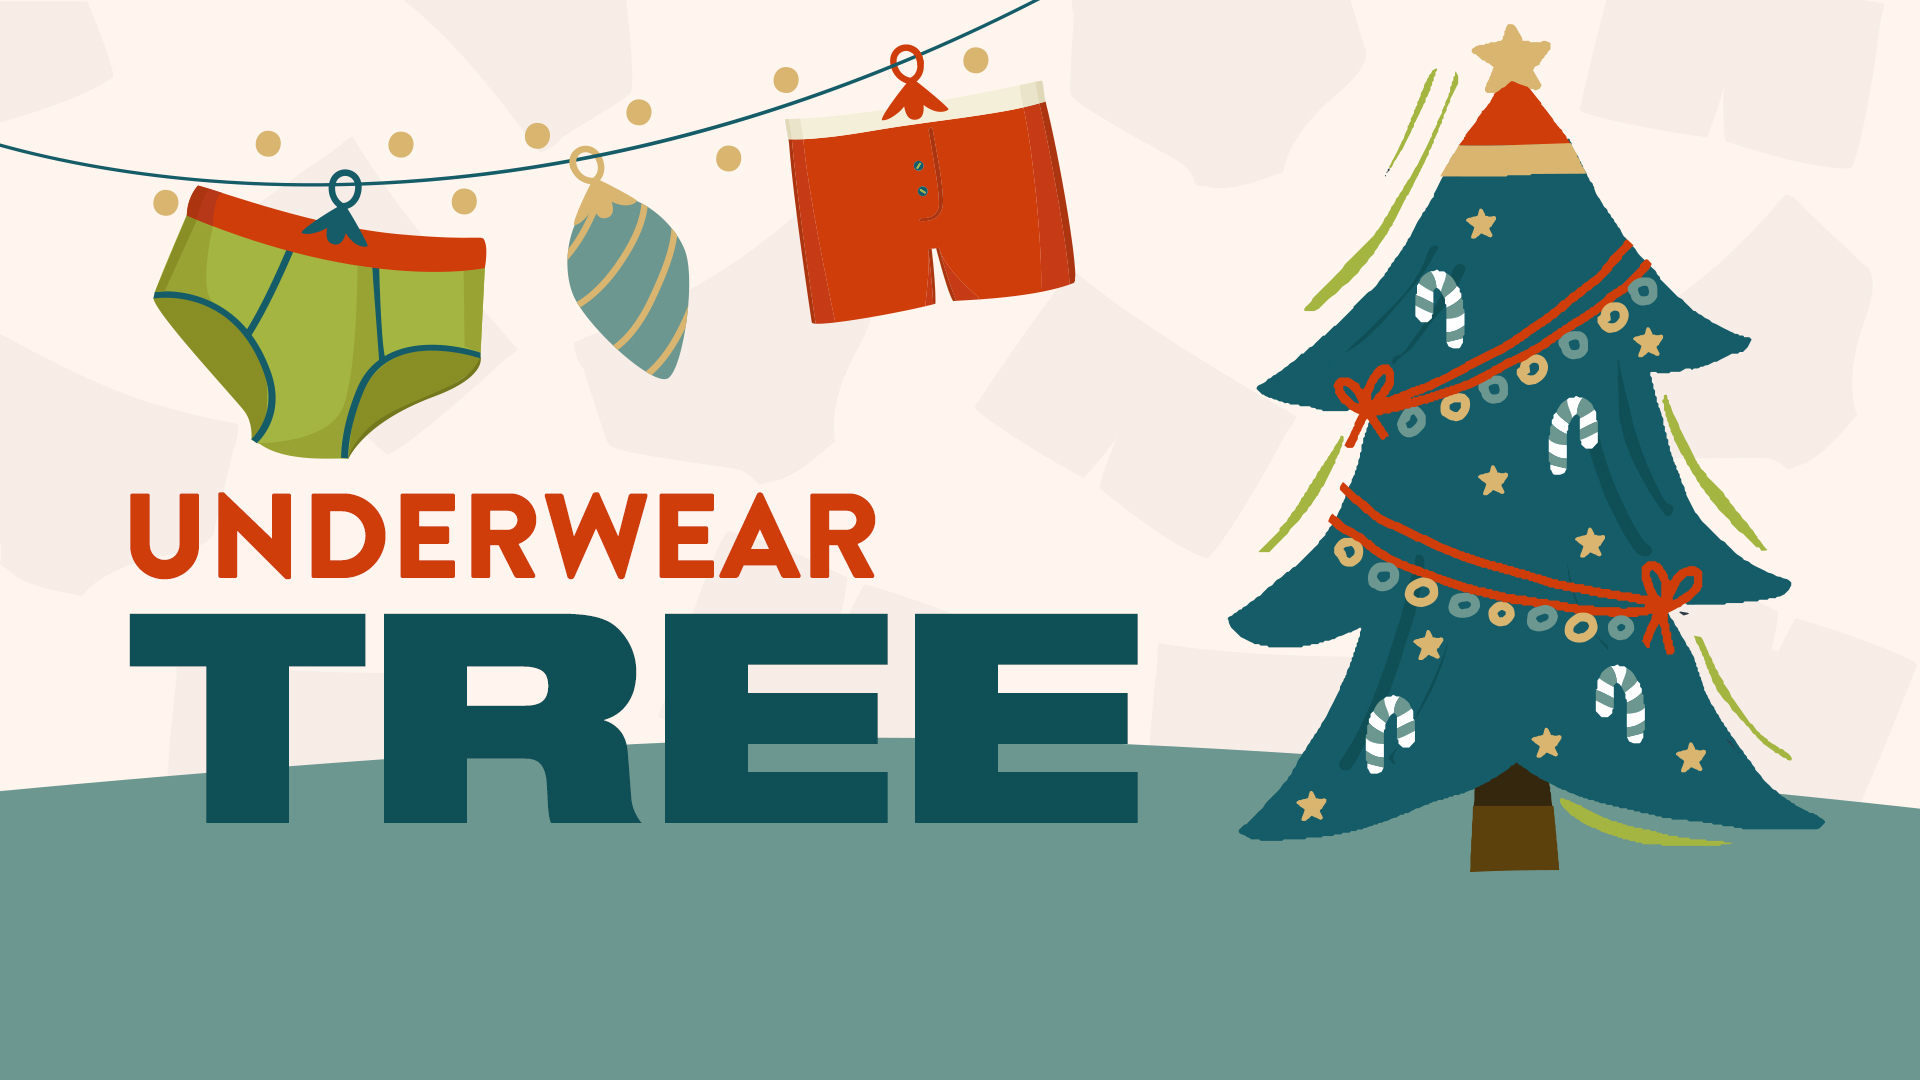 Underwear Tree